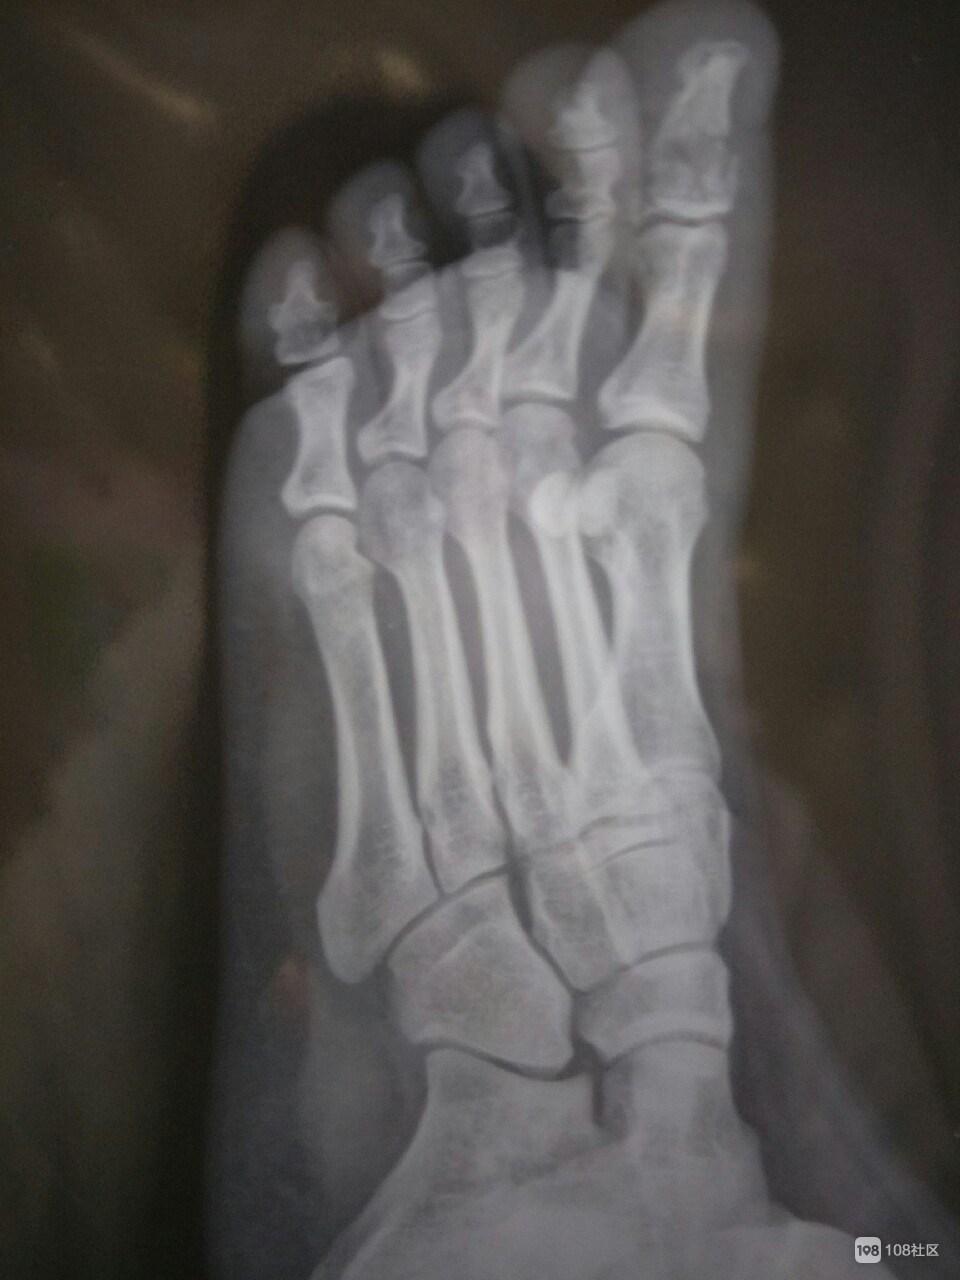 厂里干活被一百多斤的铁饼子压到,大脚趾粉碎骨折一晚上没睡